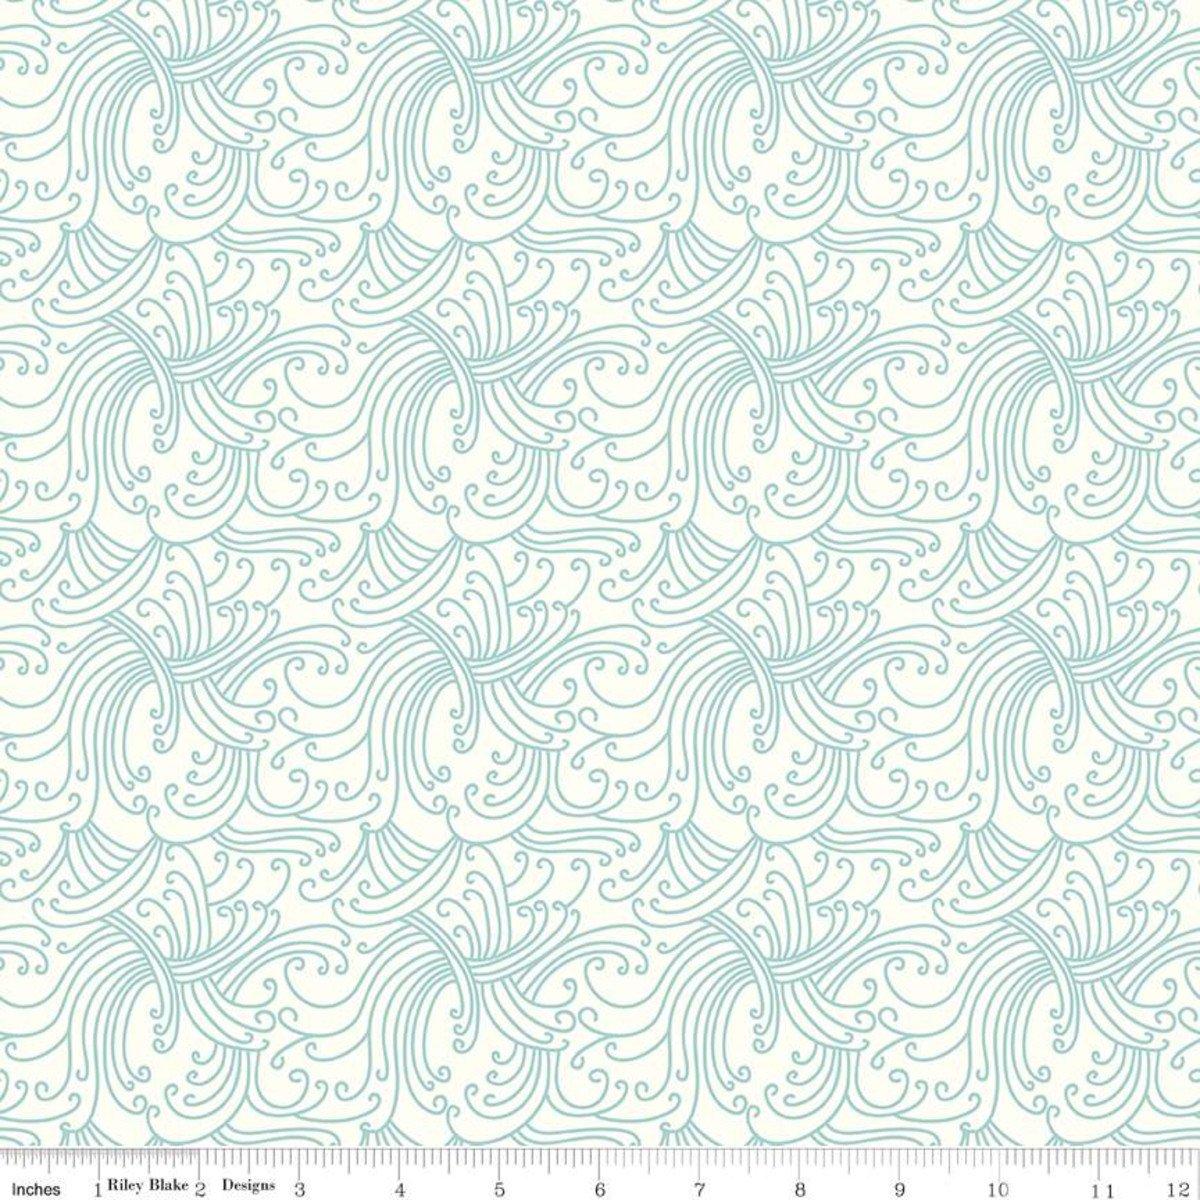 Riptide C10302 Waves Cream